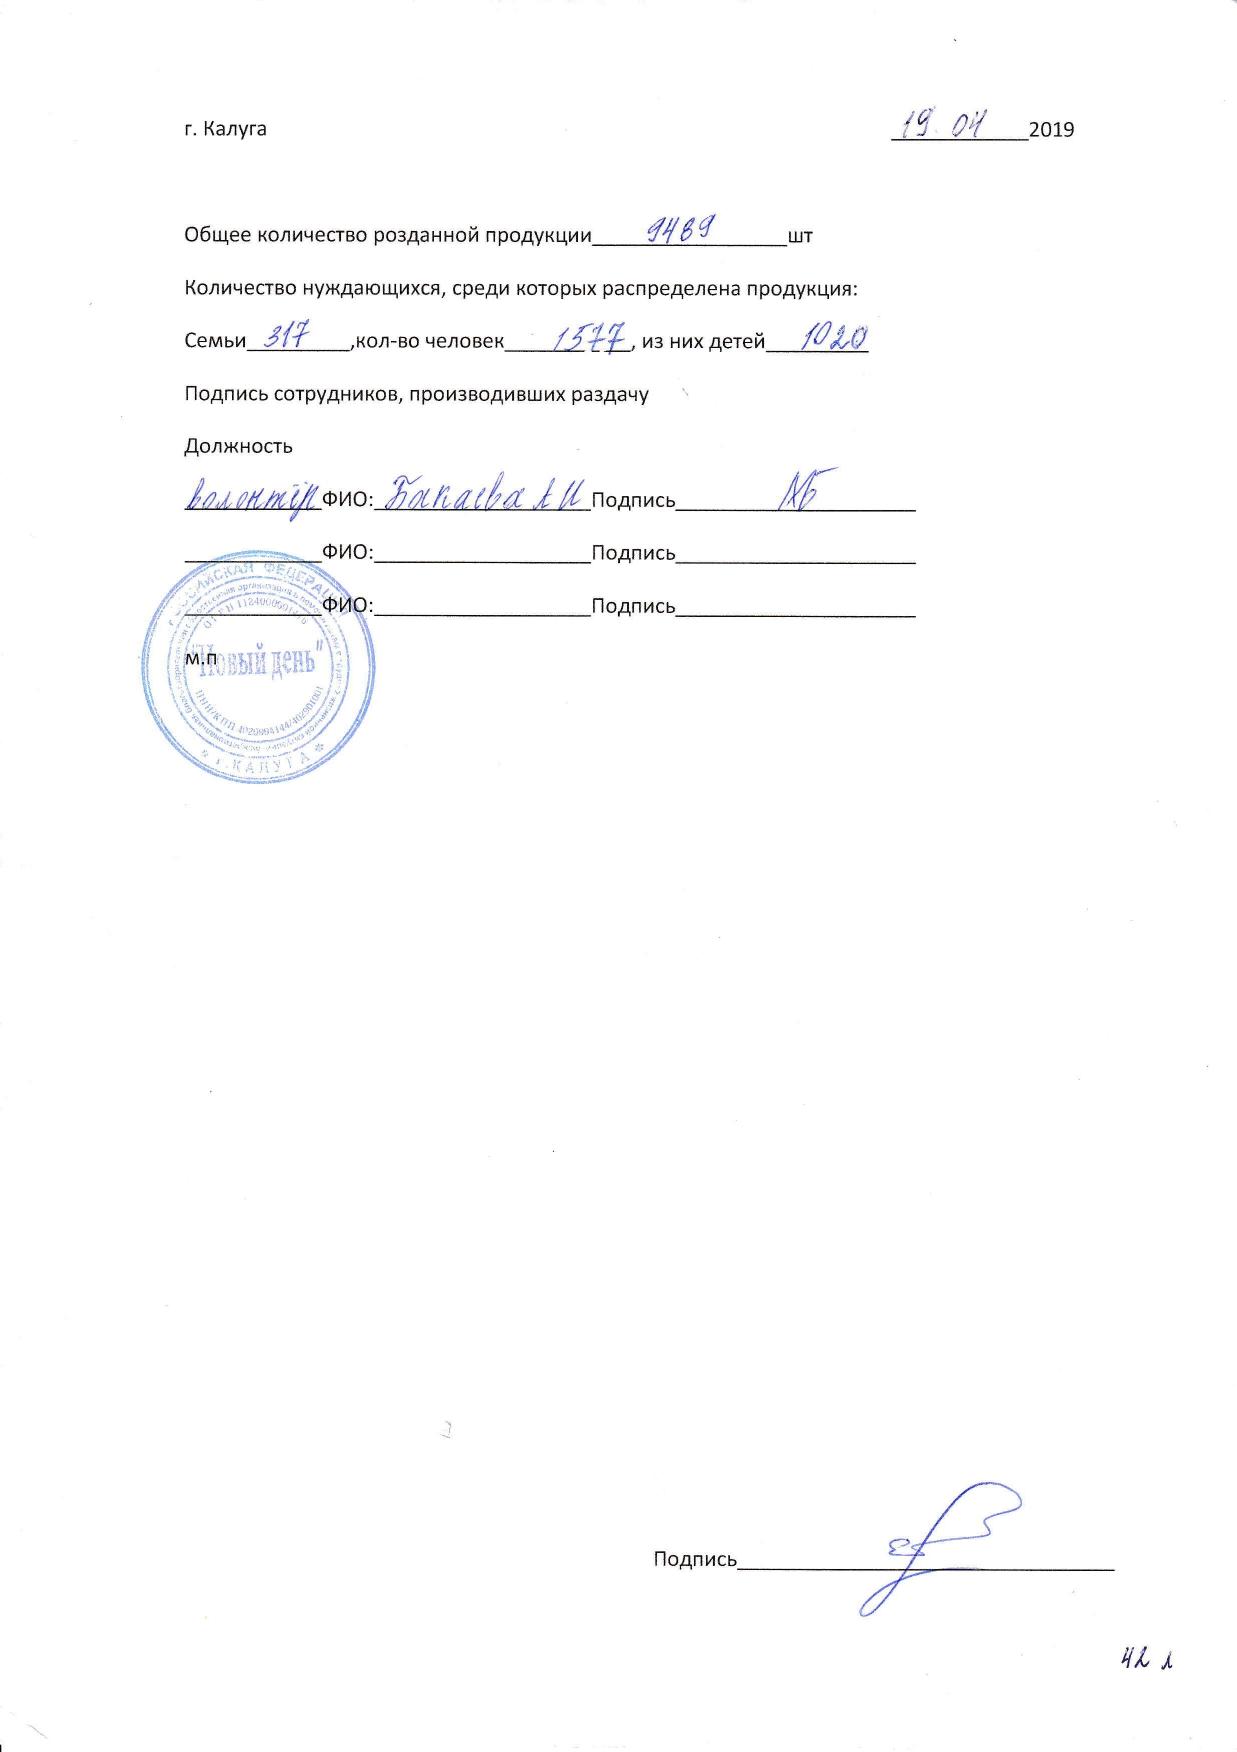 Молочка кол-во 19.04.2019